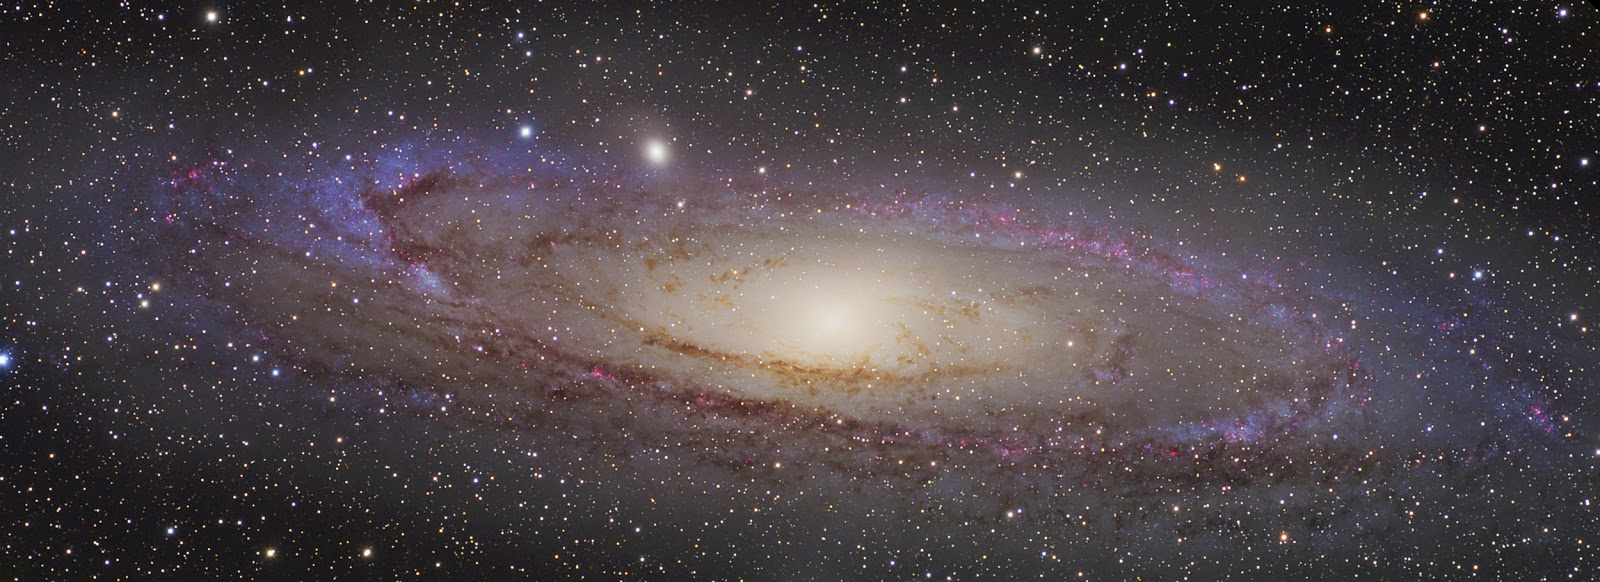 Andromeda Galaxy Wallpaper Hd Earth Blog